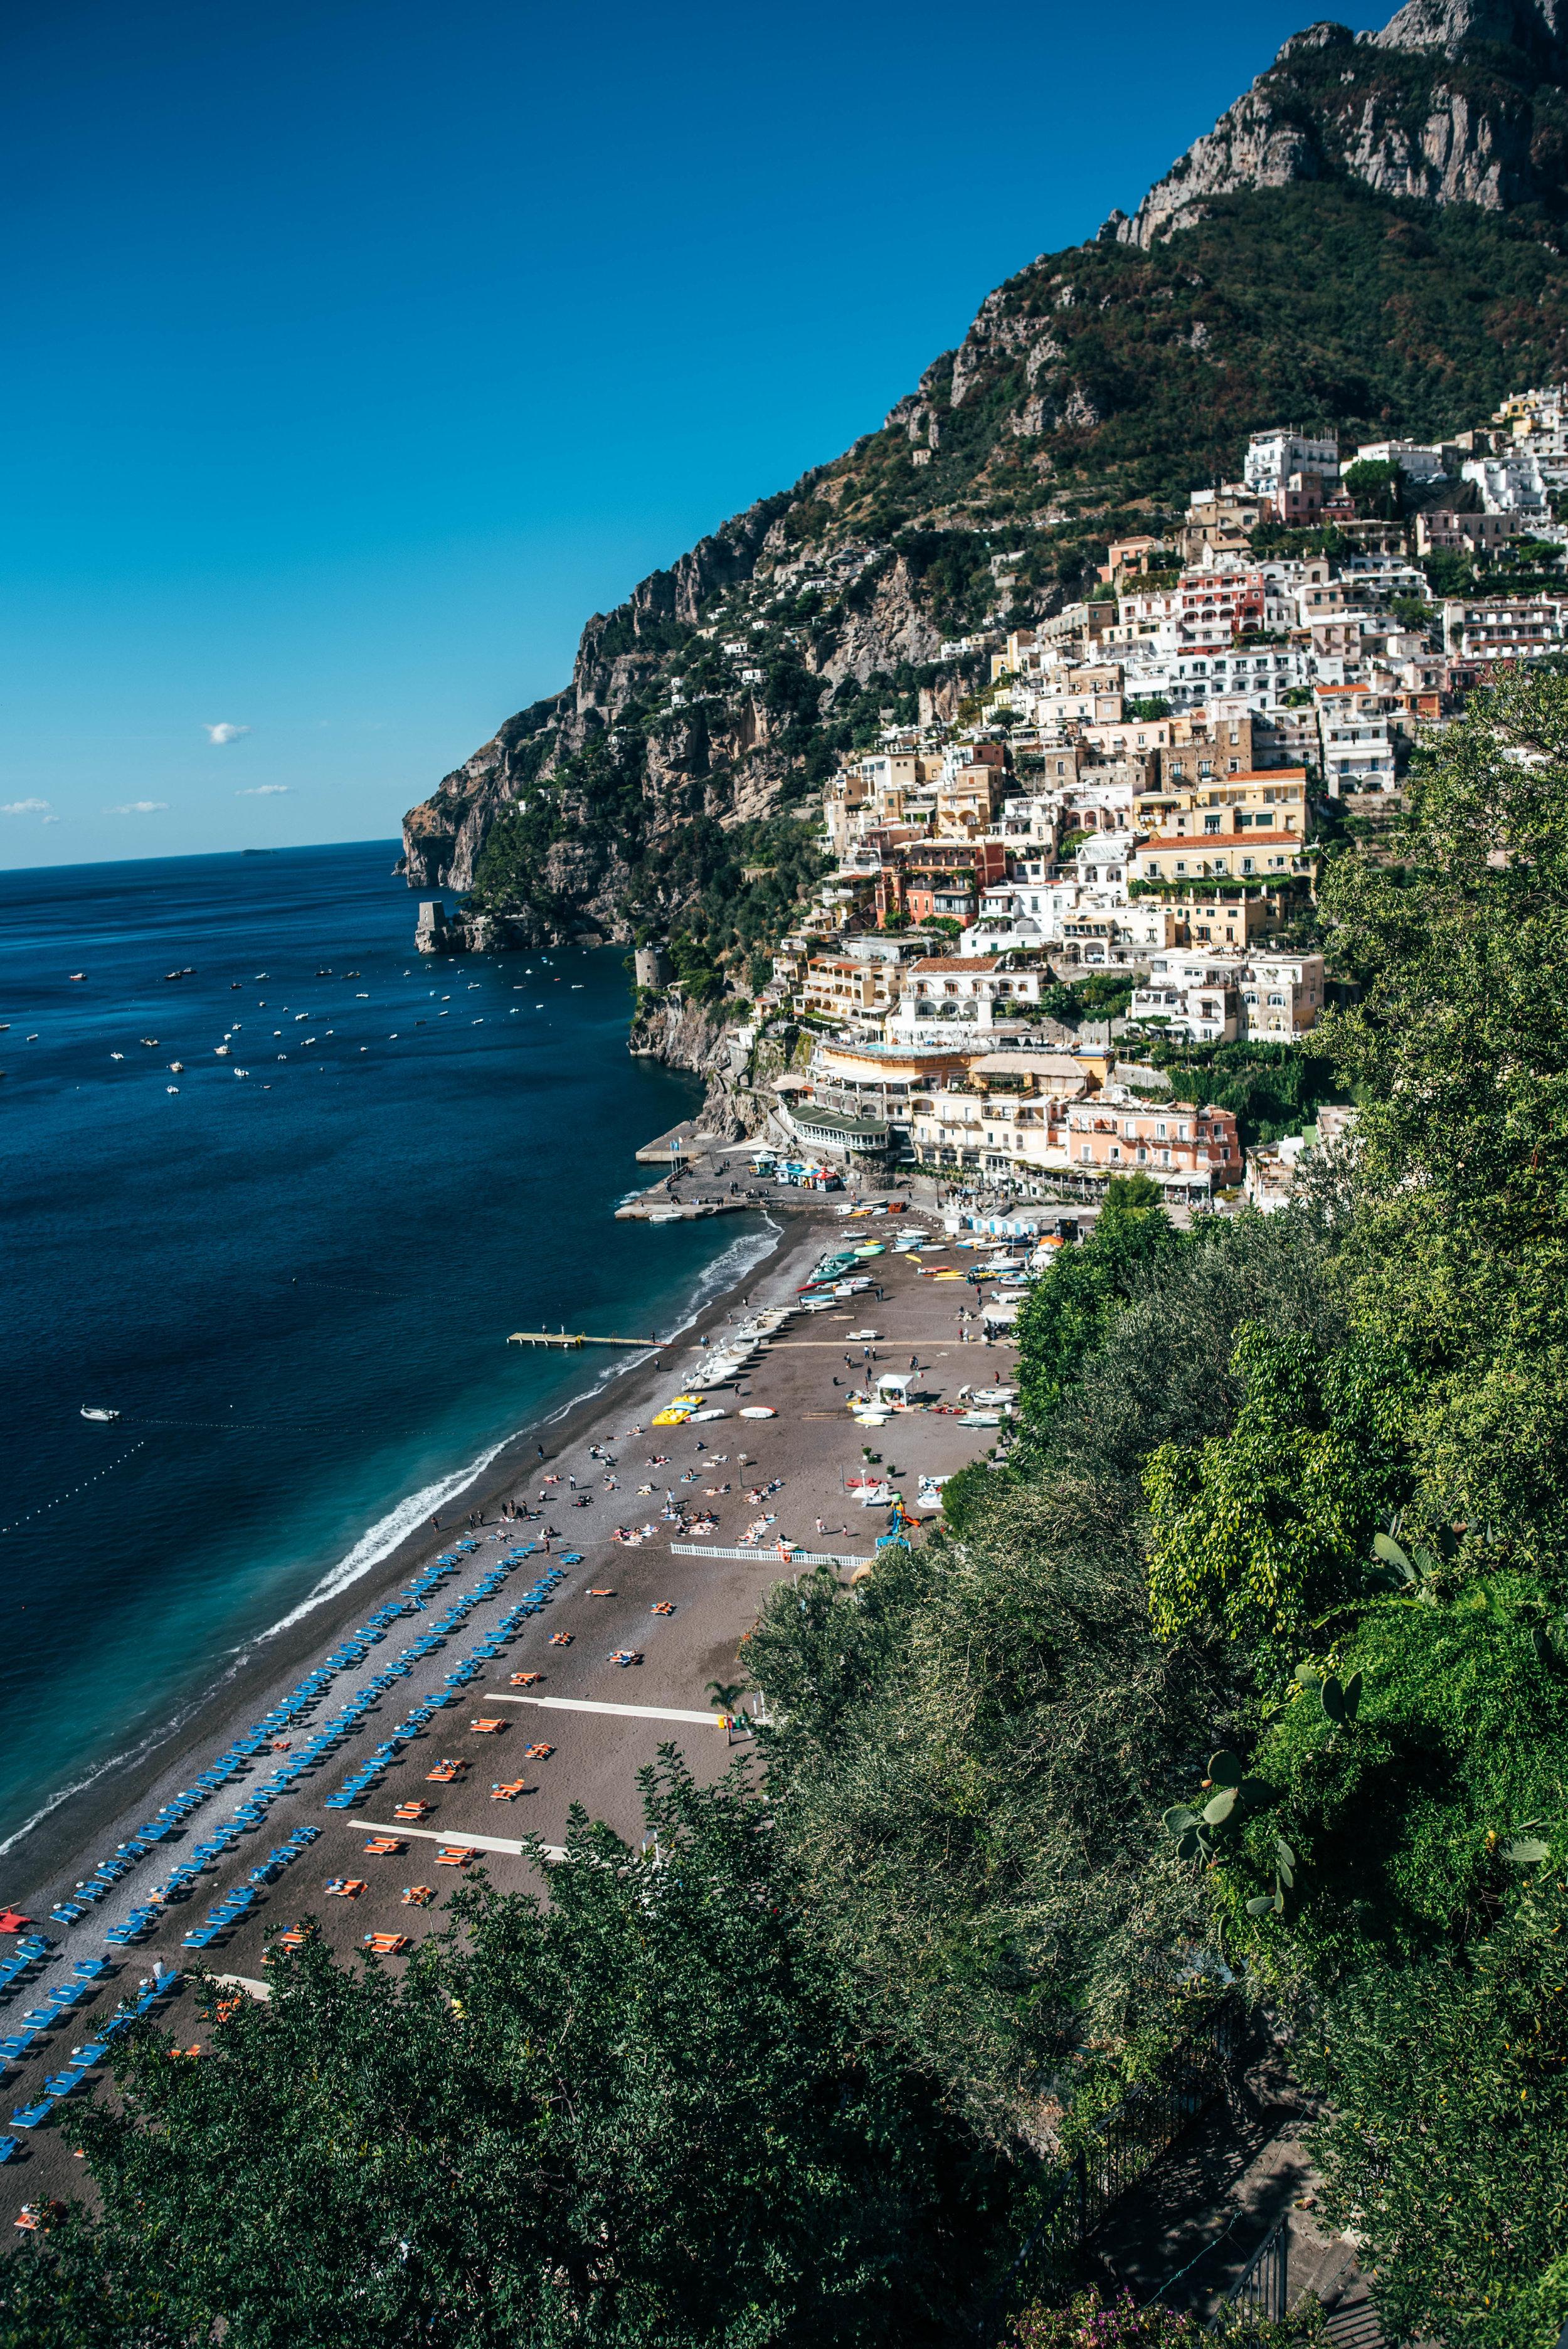 Positano Italy UK Essex Documentary Wedding Photographer